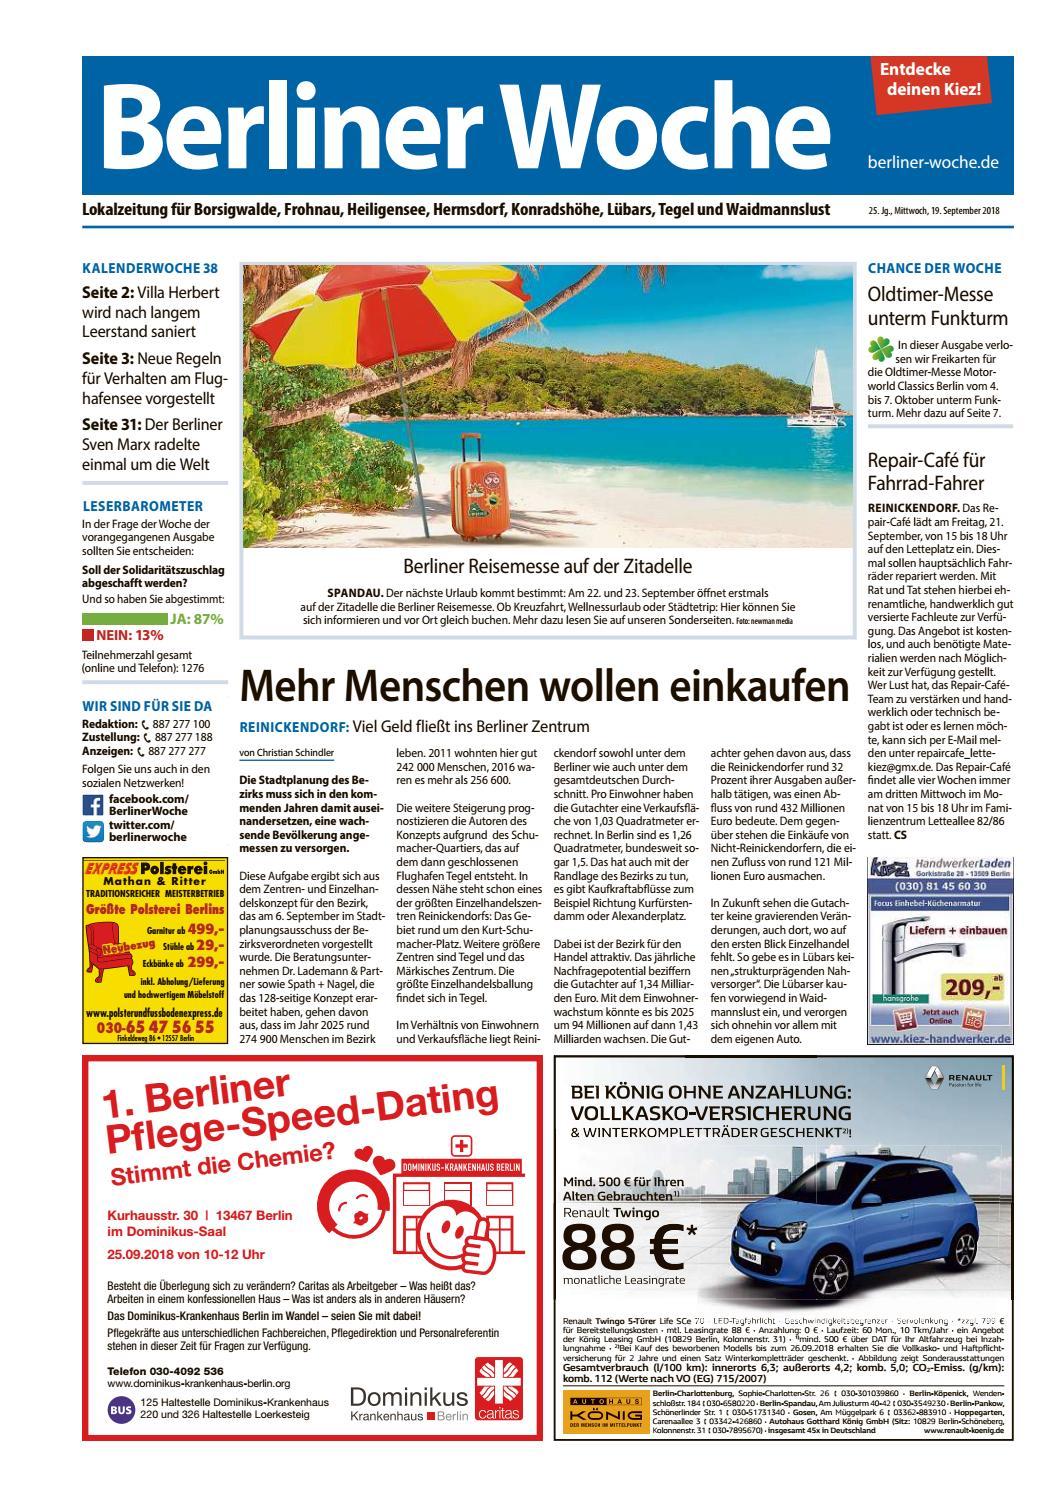 Volksblatt spandau online dating